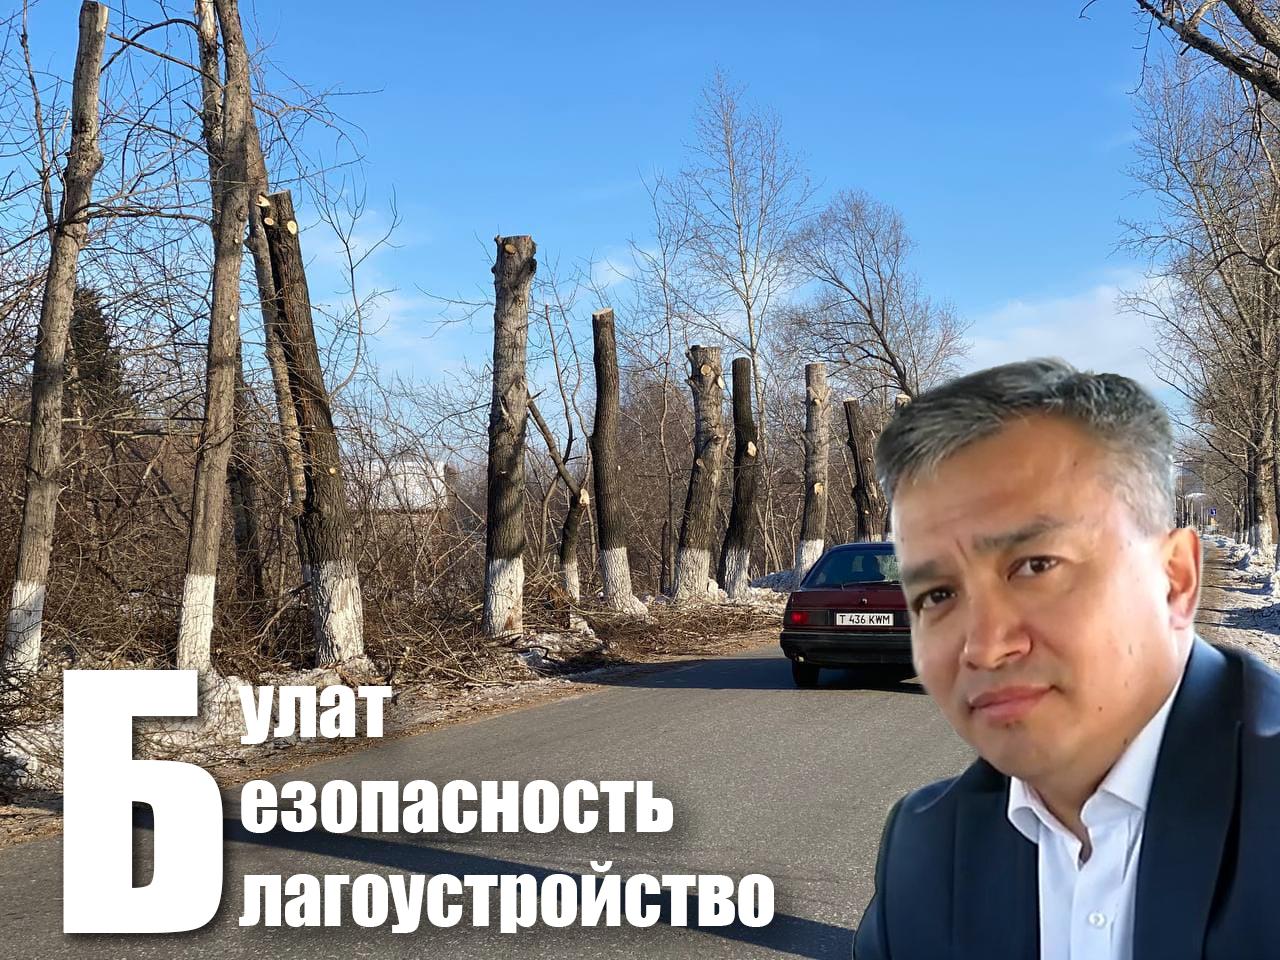 Аким Петропавловска прокомментировал «благоустройство» аллеи в Заречном